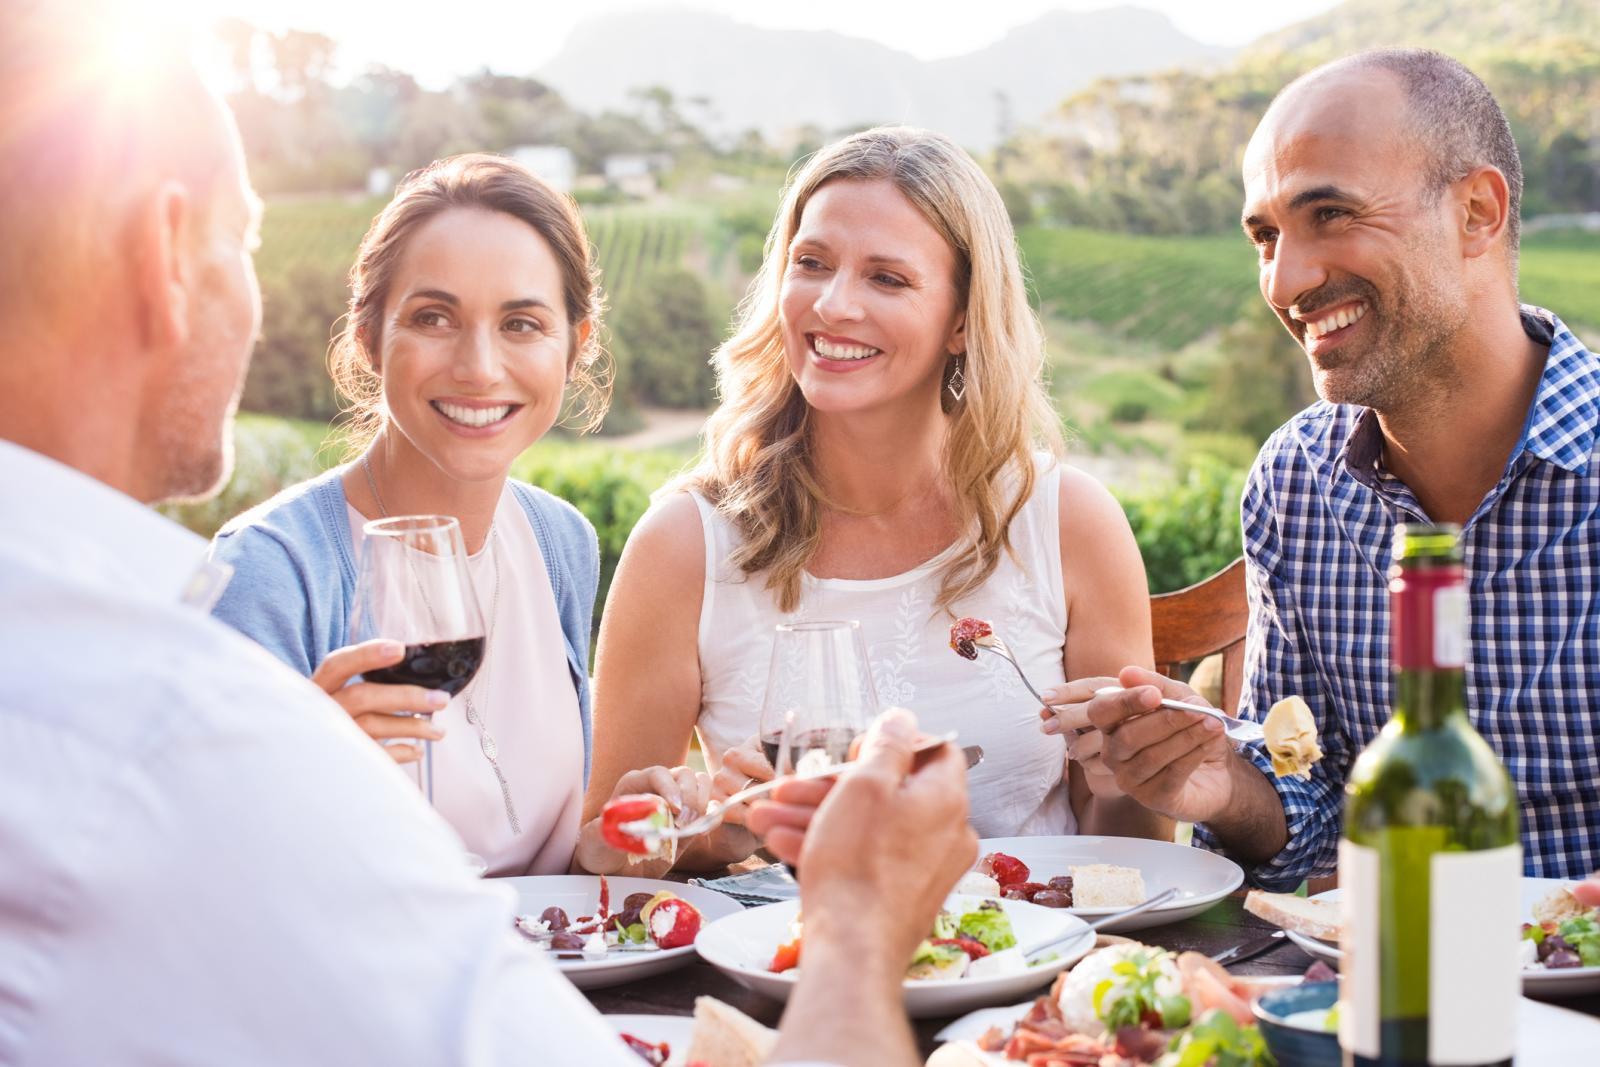 Kako biste došli do boljih rezultata, uključite više proteina u vaše obroke. Oni će pomoći održati mišićnu masu, a i dobro će vas zasititi.